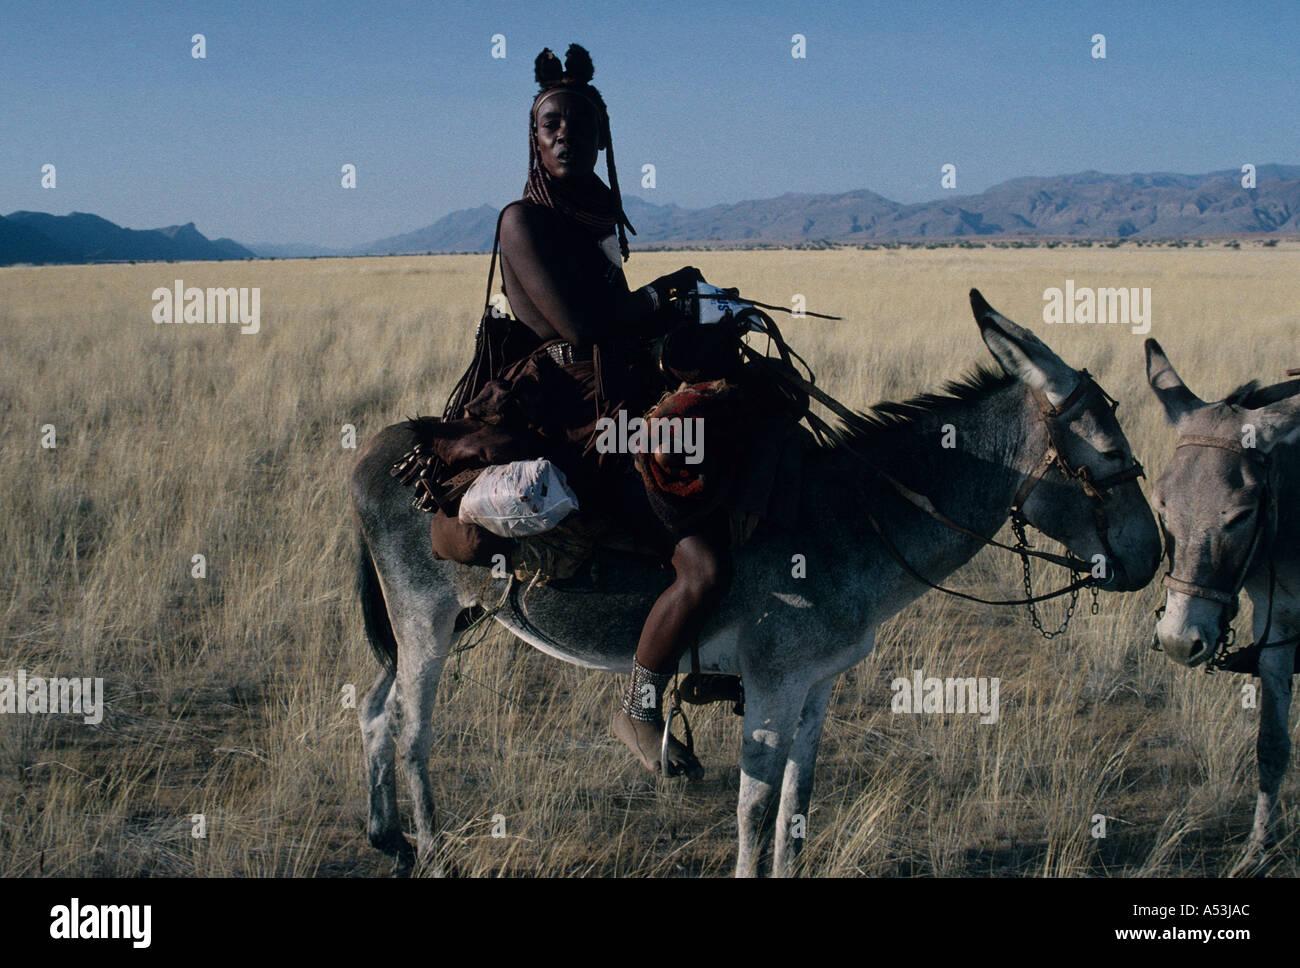 Femmes nomades Himba traditionnel en vêtements de cuir traversant la Marienfluss sur âne dans le nord de la Namibie Kaokoland Banque D'Images